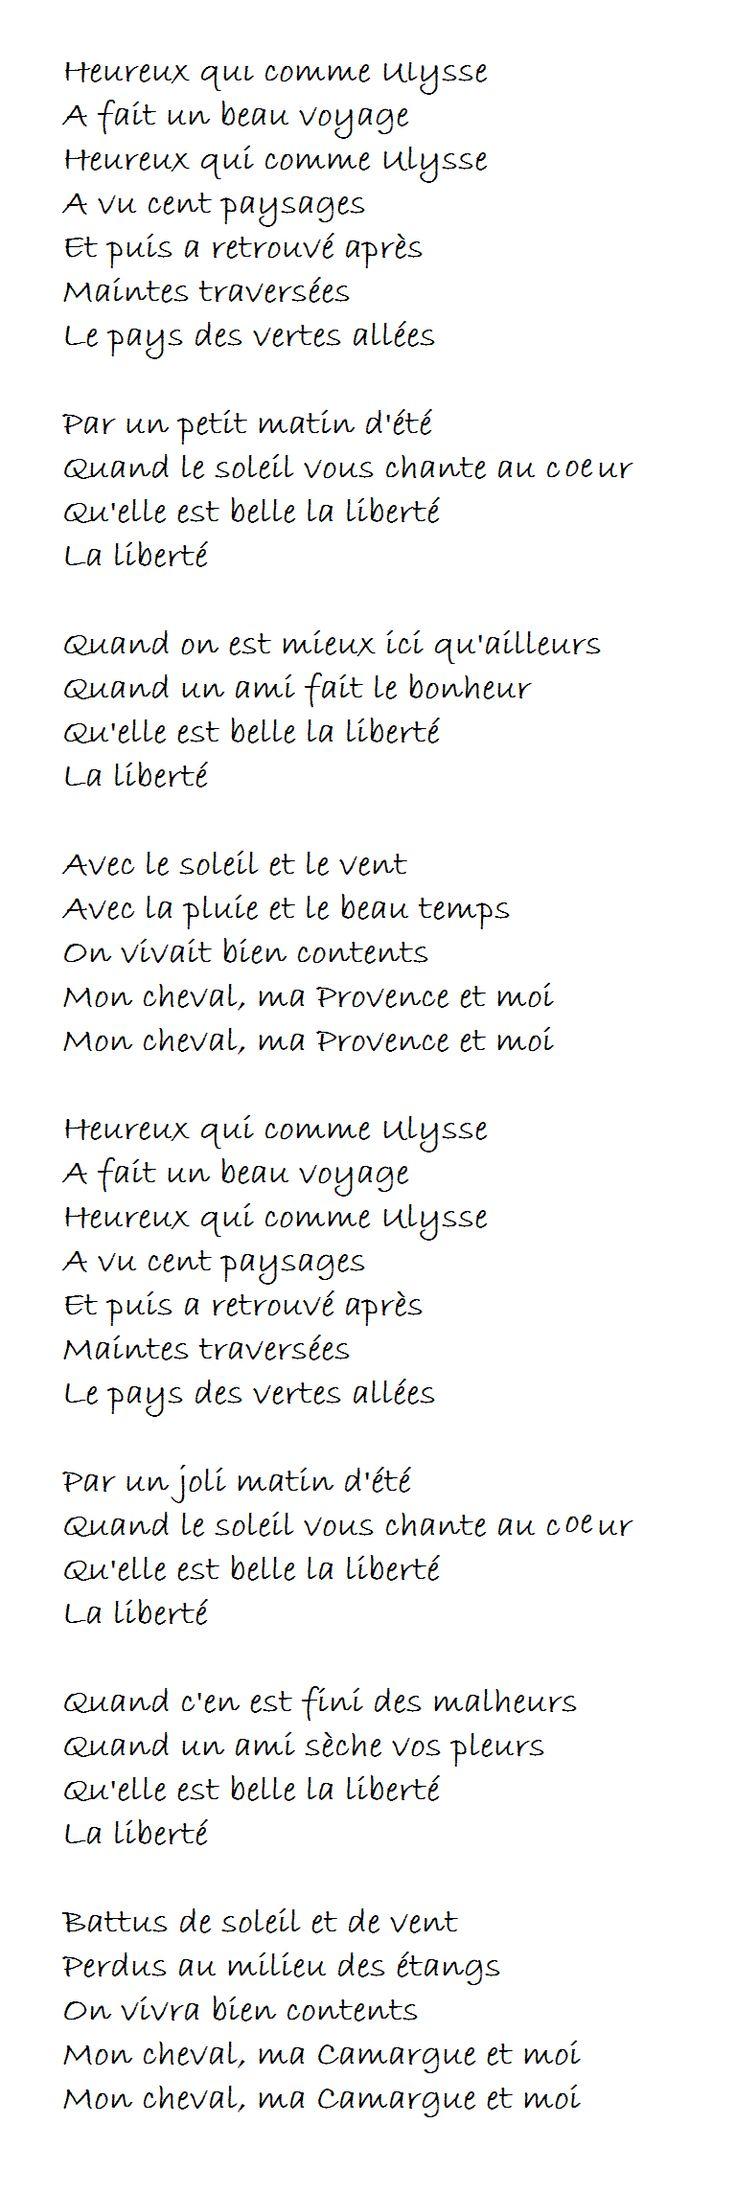 Georges Brassens - Heureux qui comme Ulysse